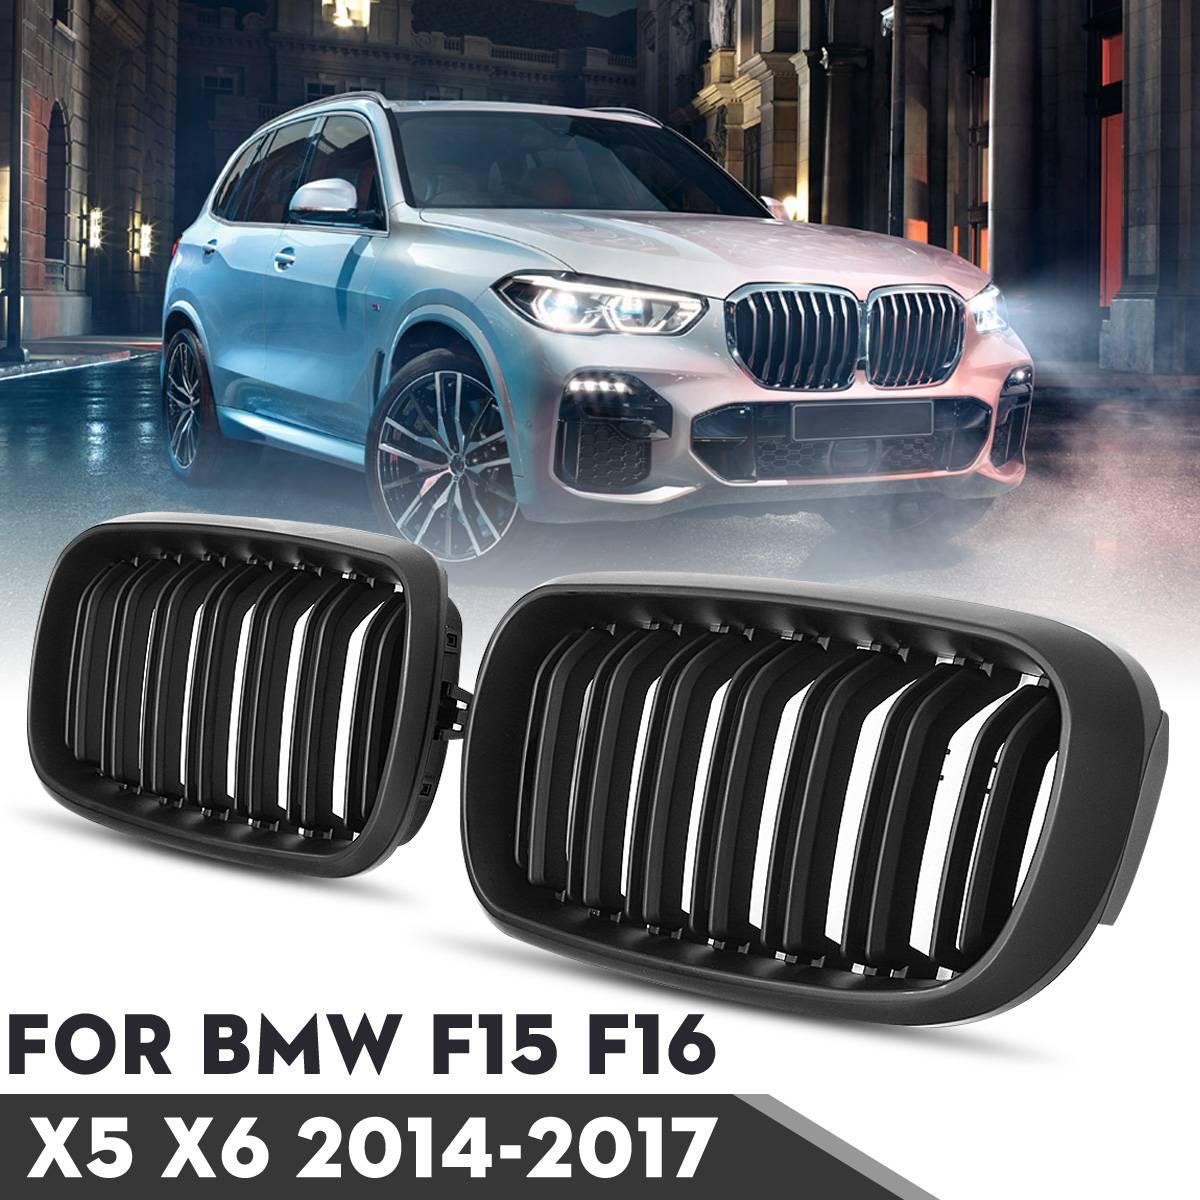 1 par carro brilhante/fosco preto amortecedor dianteiro duplo 2 slat grades de rim para bmw f15 f16 x5 x6 f85 f86 x5m x6m 2014-2017 grelhas